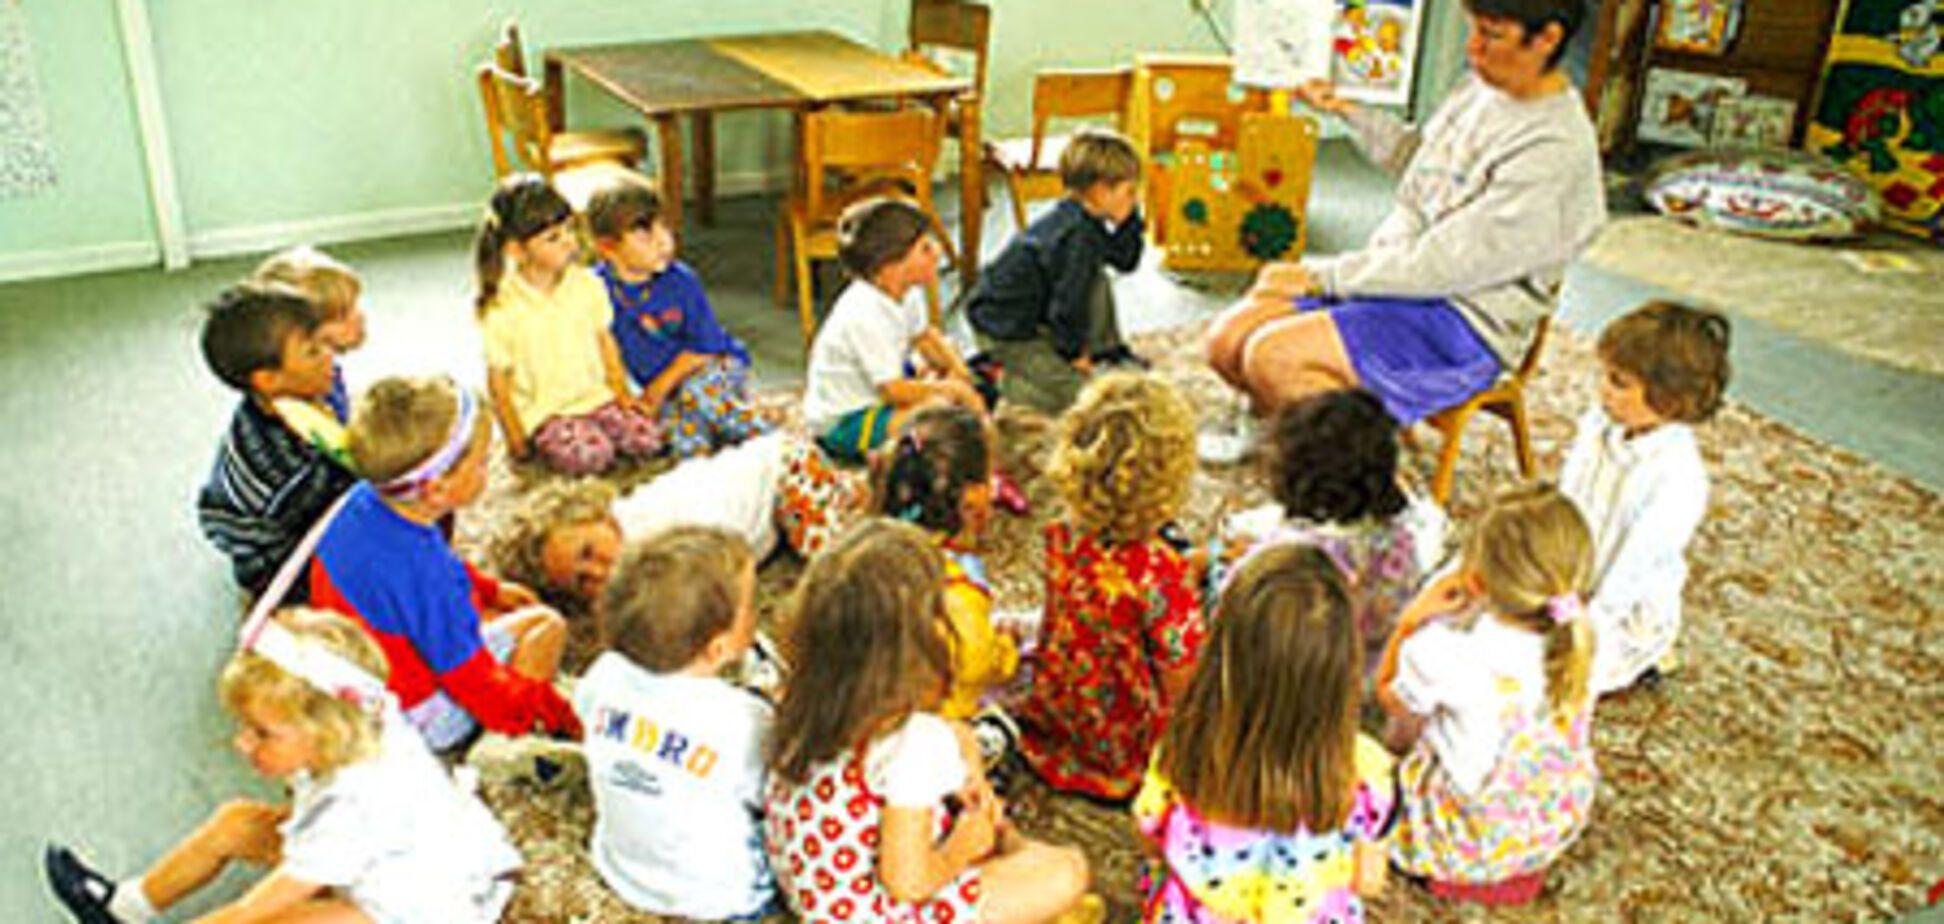 У дітей вкрали 143 тисячі гривень